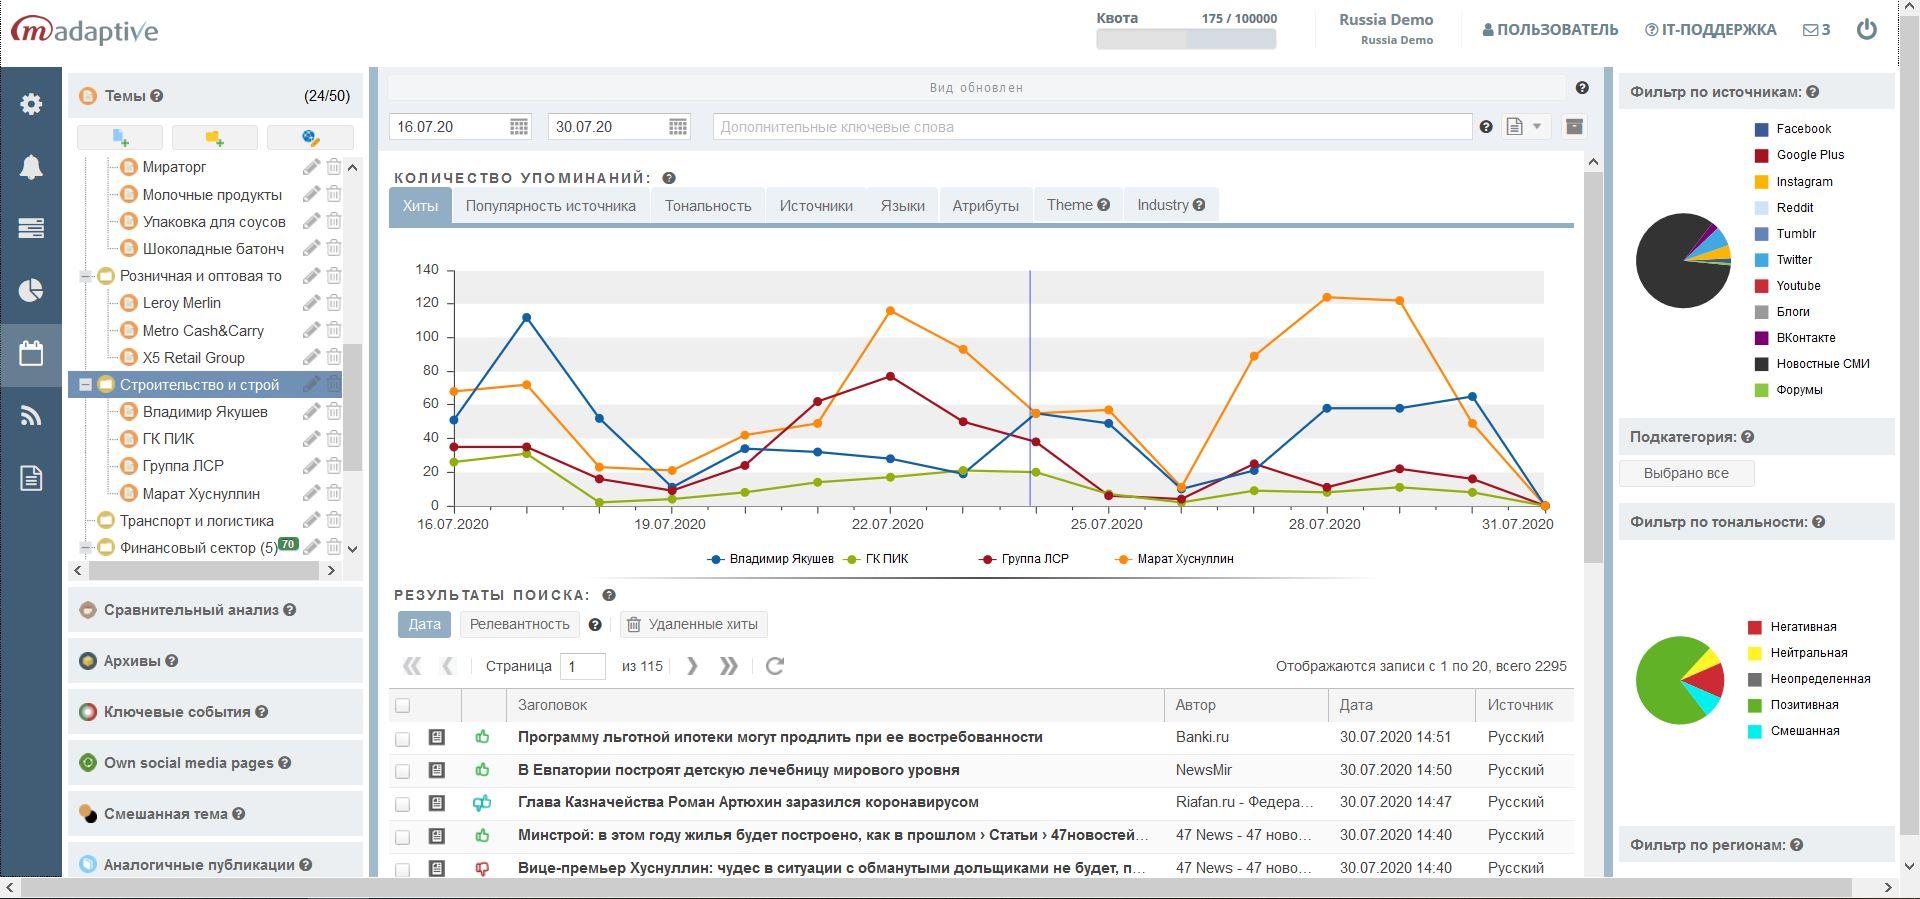 Сравнительные графики упоминания брендов и персон в разрезе источников (сми, соцмедиа) в ПО M-Adaptive